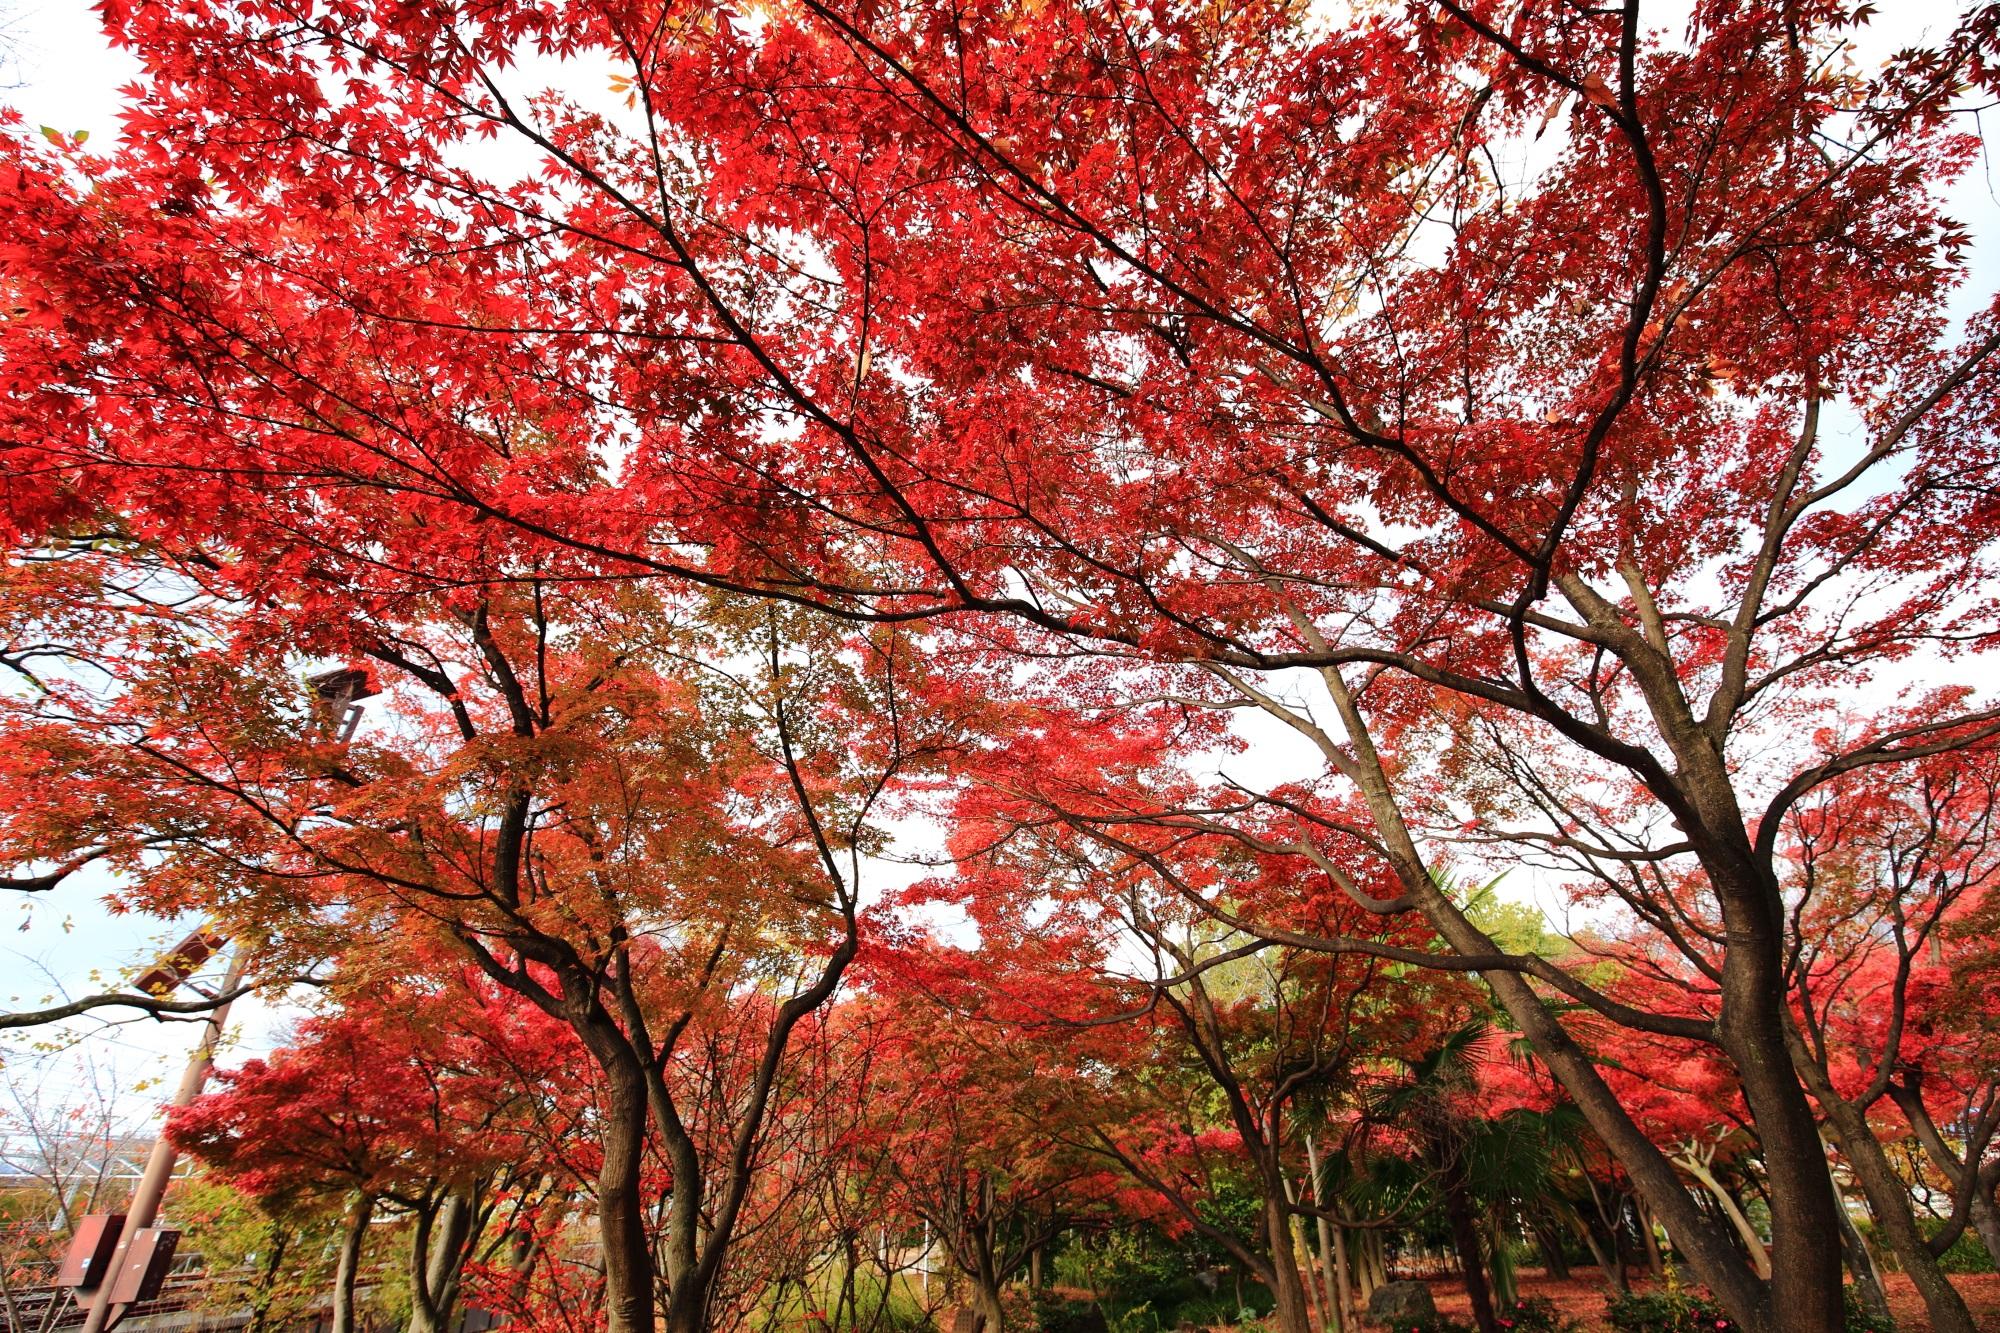 もみじの名所の梅小路公園(うめこうじこうえん)の美しい紅葉